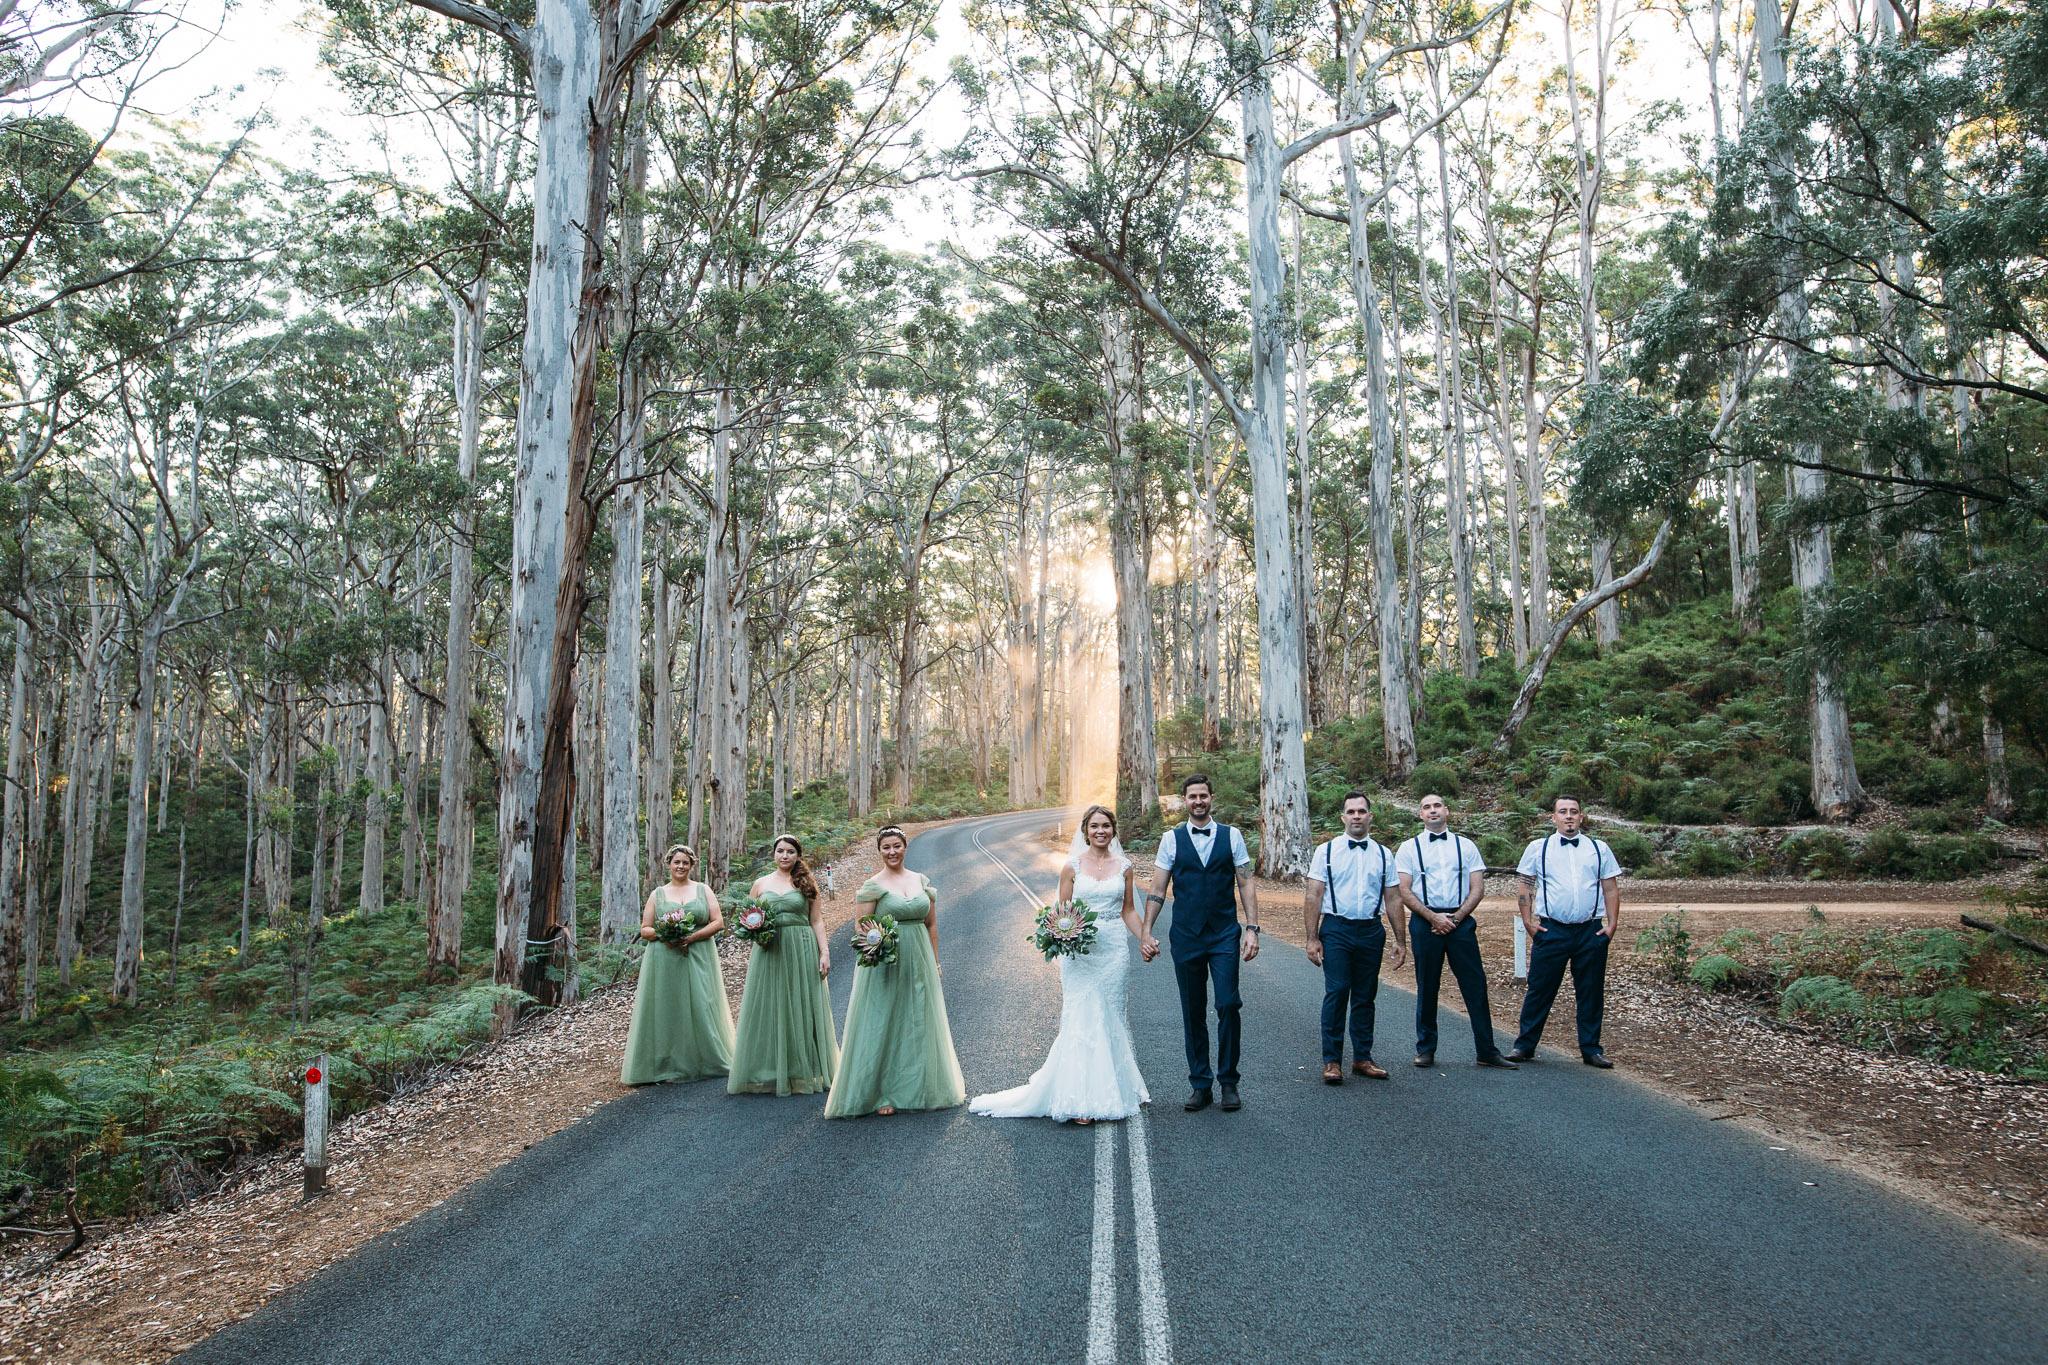 Boronup forest wedding- Margaret River